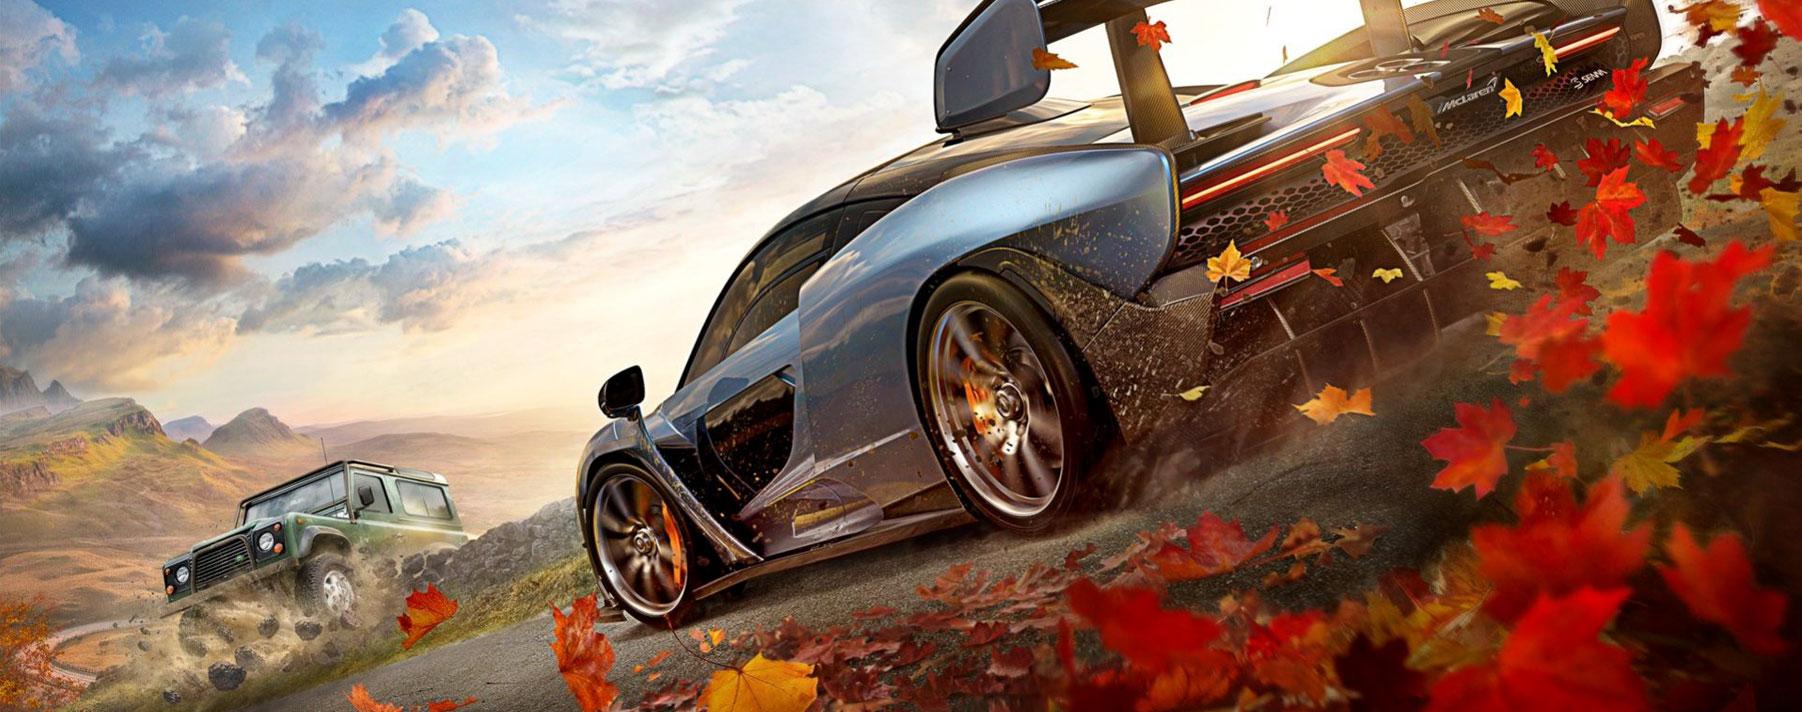 Forza Horizon. El juego es parte de la franquicia de Forza Motorsport, pero se considera más un spin-off en lugar del siguiente juego de la serie.